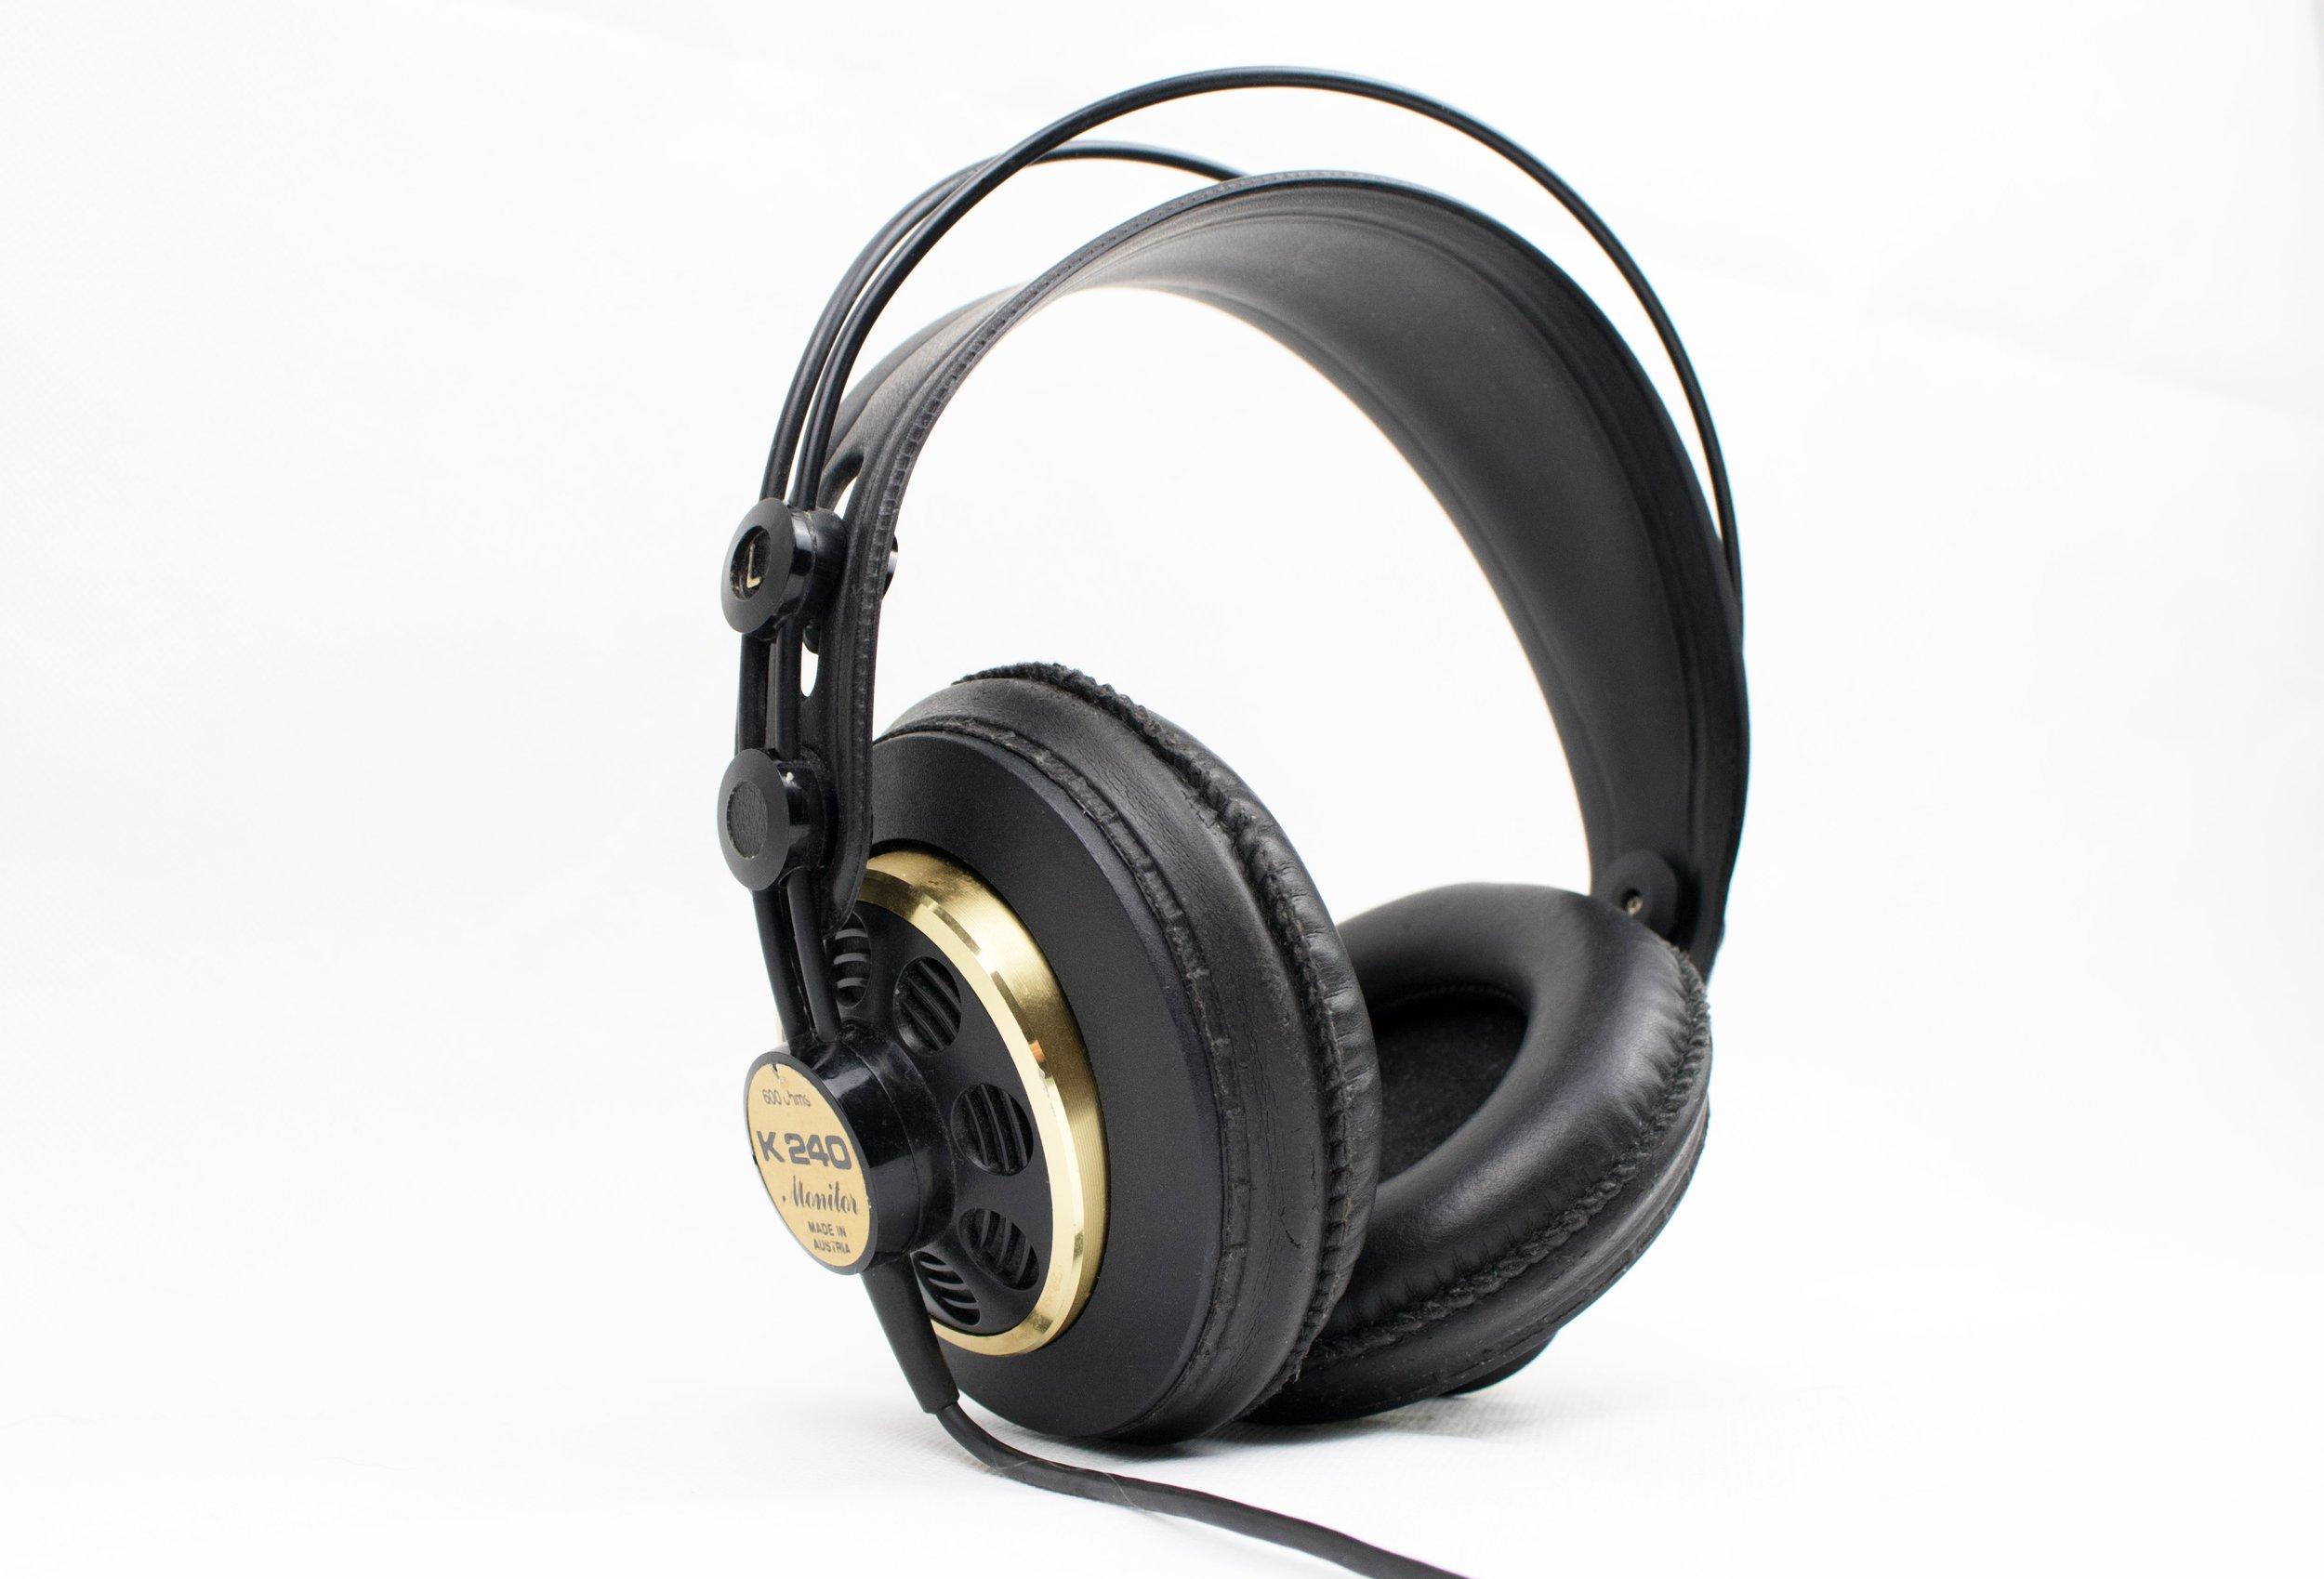 audio-electronics-headphones-205926.jpg